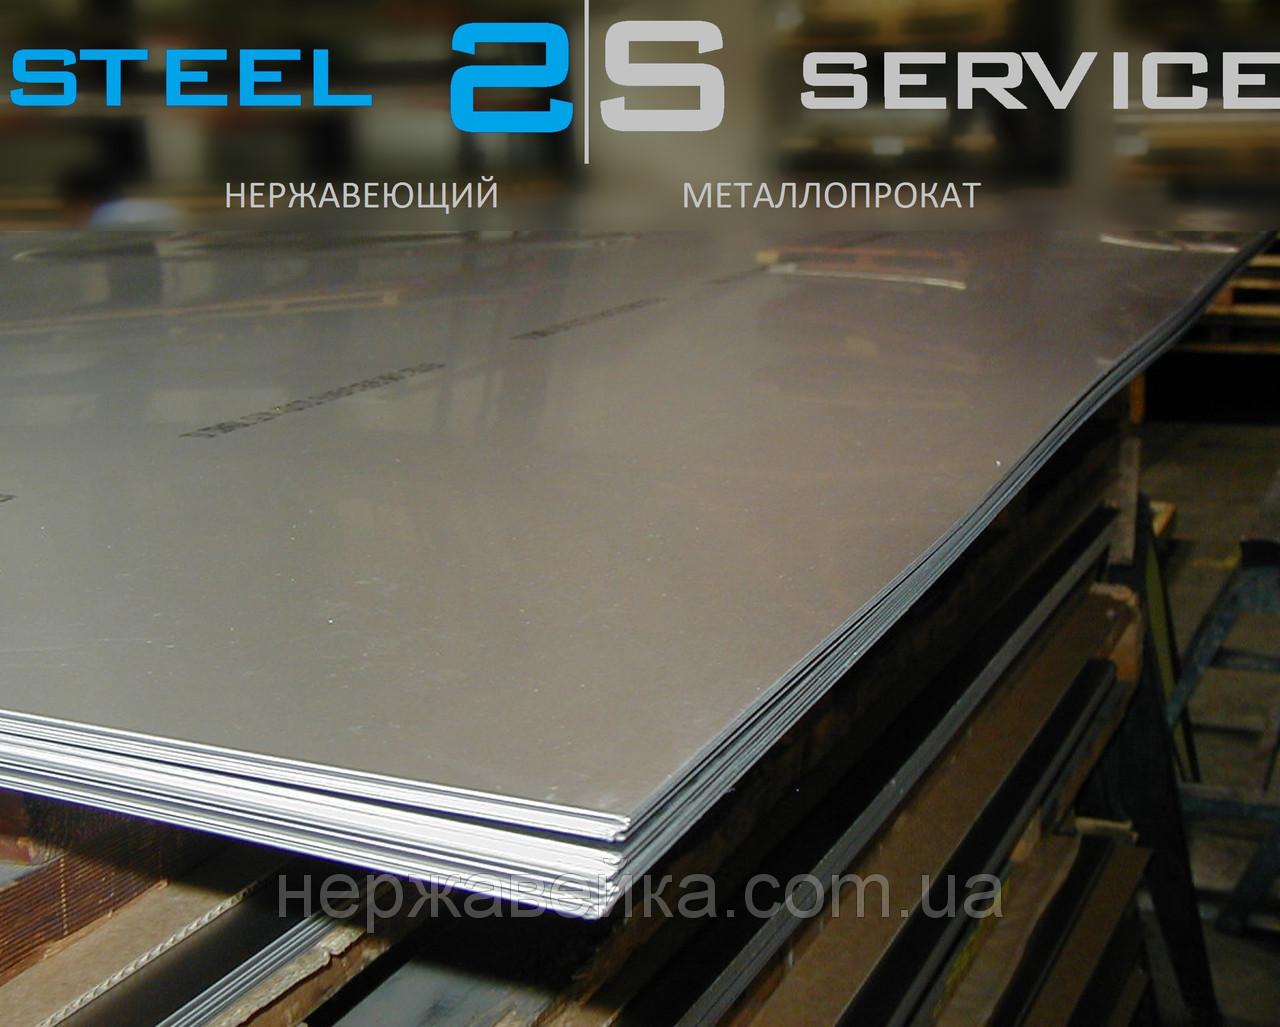 Нержавейка лист 6х1250х2500мм  AISI 321(08Х18Н10Т) F1 - горячекатанный,  пищевой